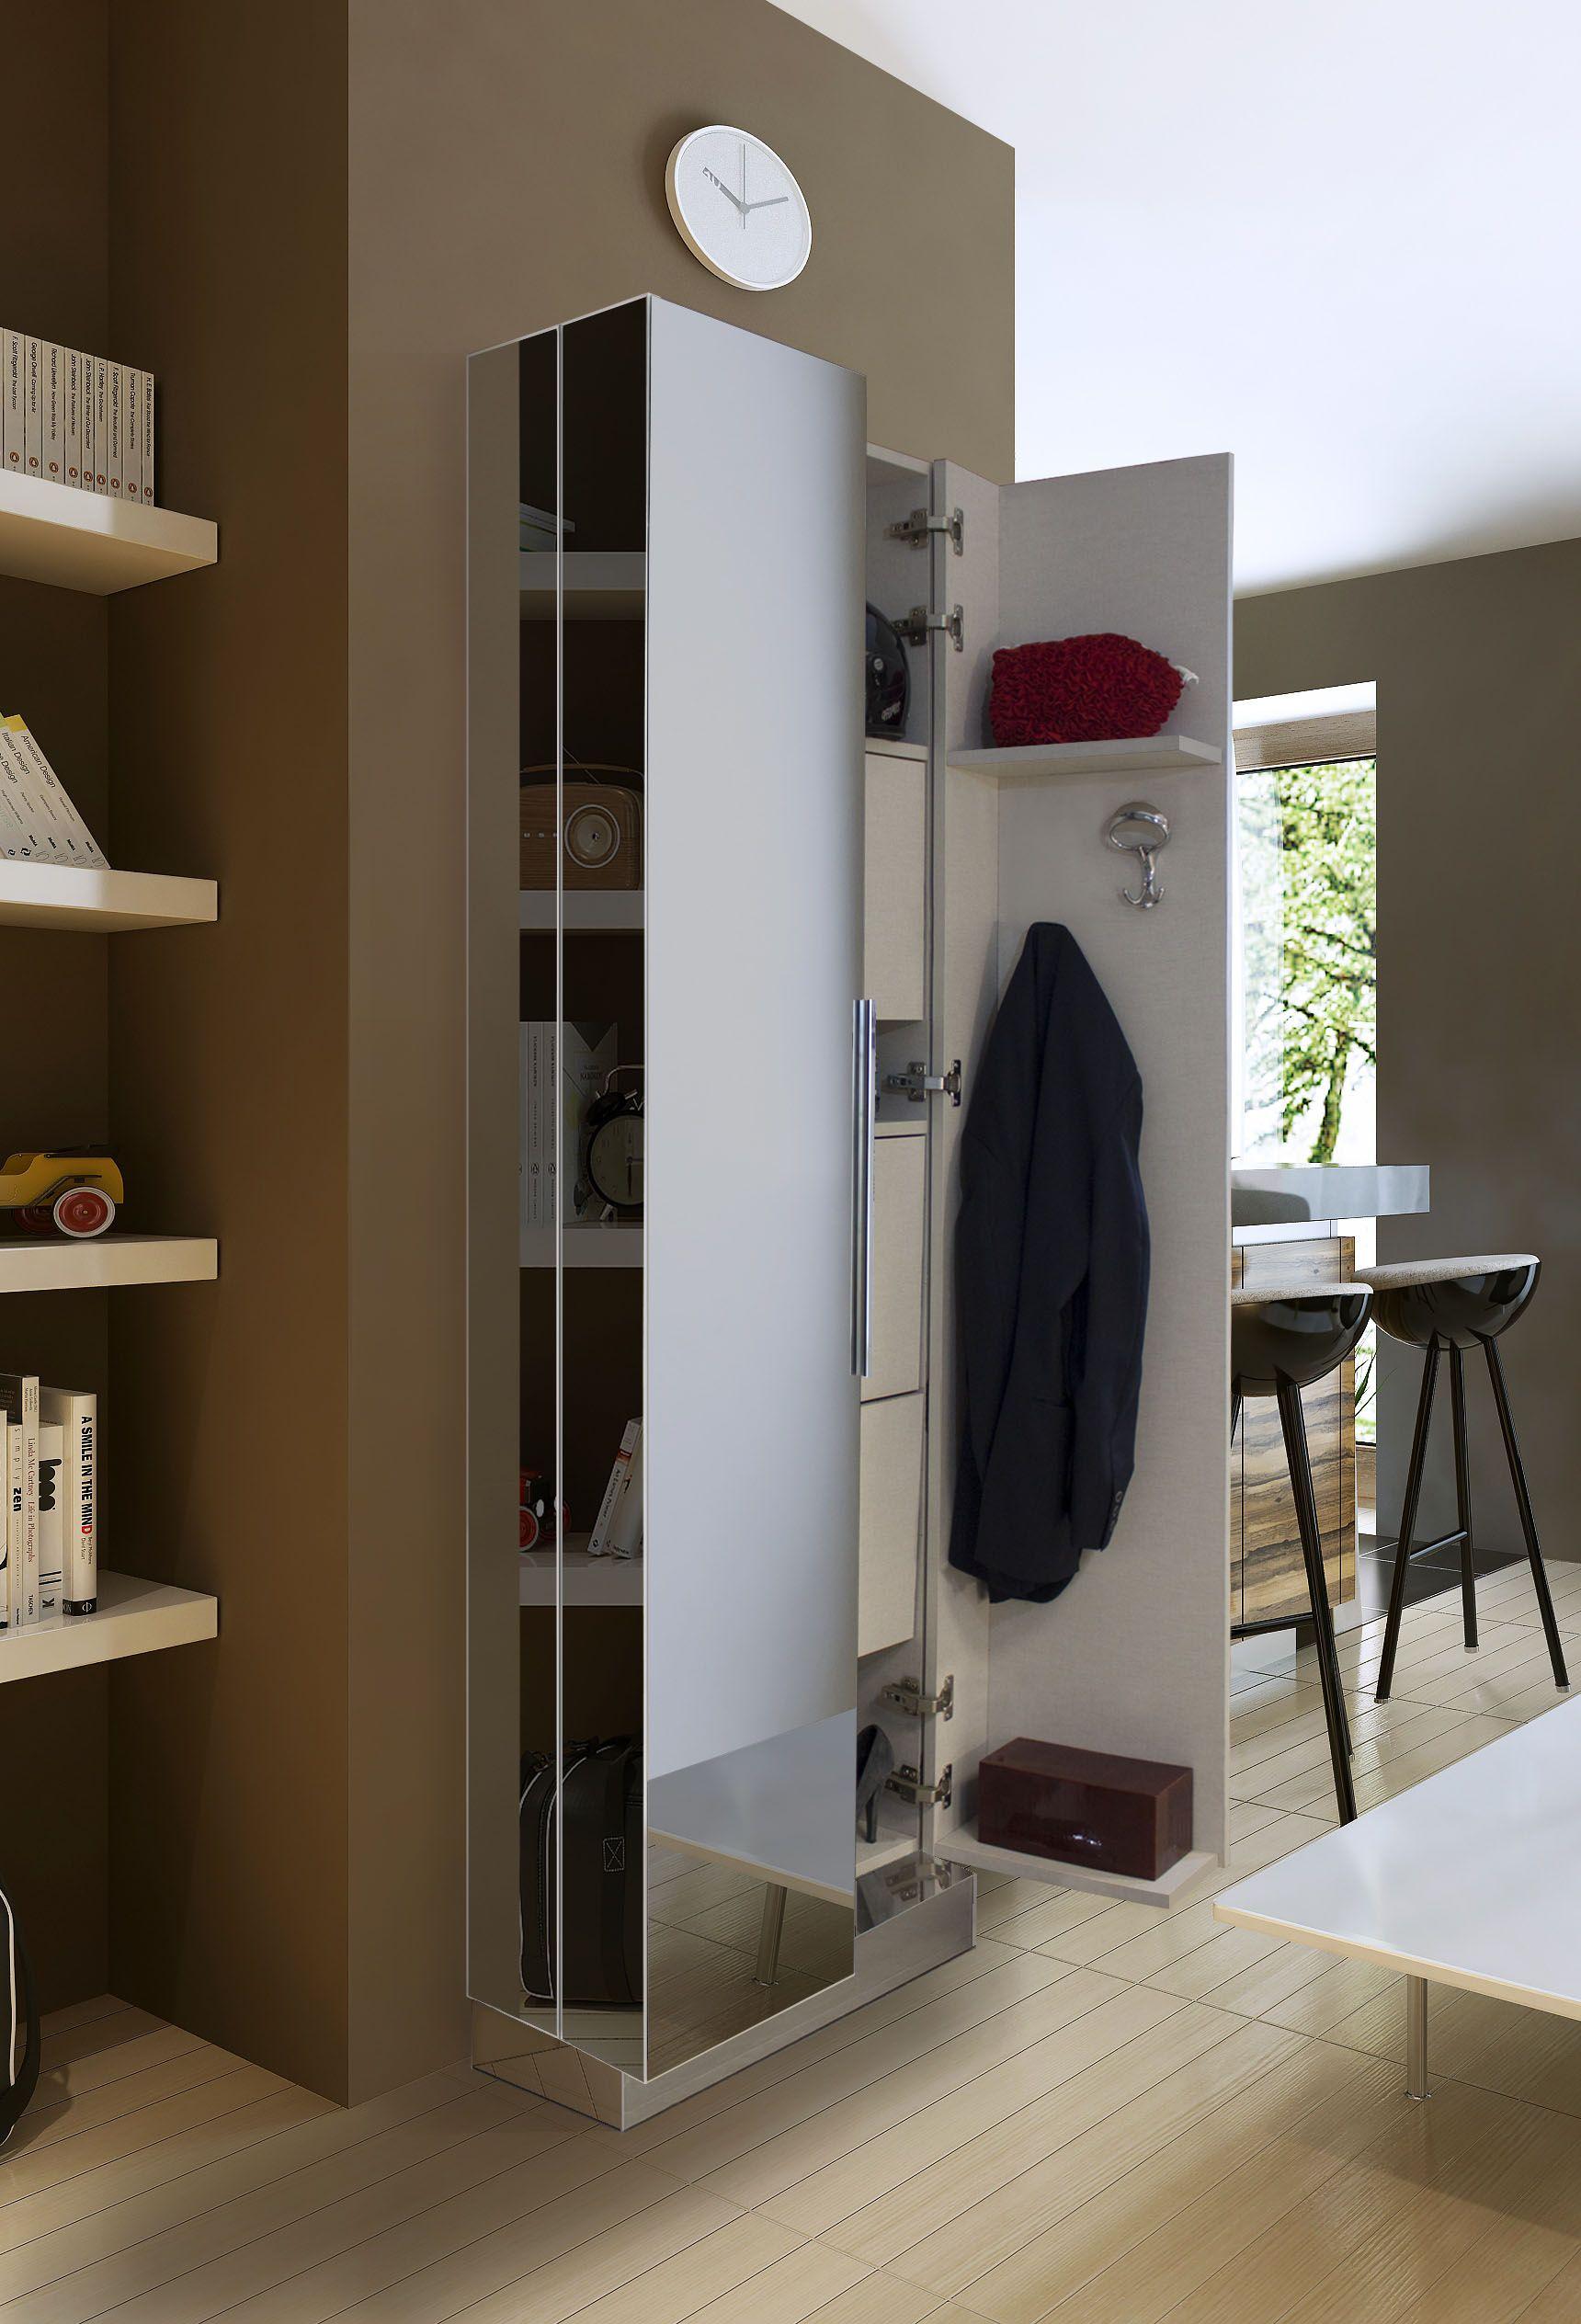 Armadio a specchio sui tre lati disponibile con scarpiera e appendiabiti piccoli guardaroba - Armadio specchio ikea ...